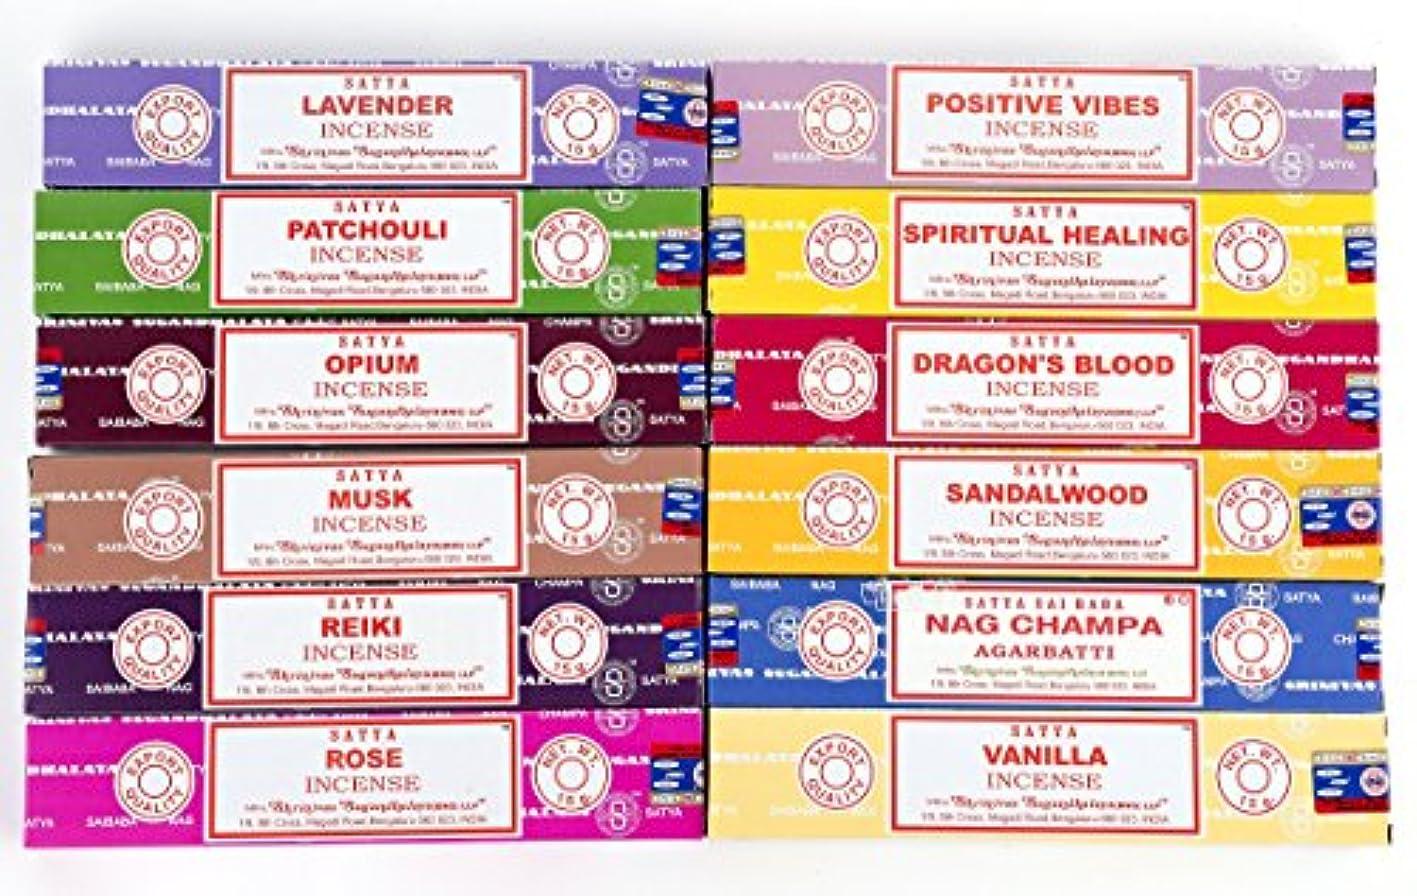 意気消沈したルアープロフィールNag Champa、ラベンダー、パチュリOpium、ムスク、レイキ、ローズ、Positive Vibes、Spiritual Healing、ドラゴンブラッド、サンダルウッド、バニラ